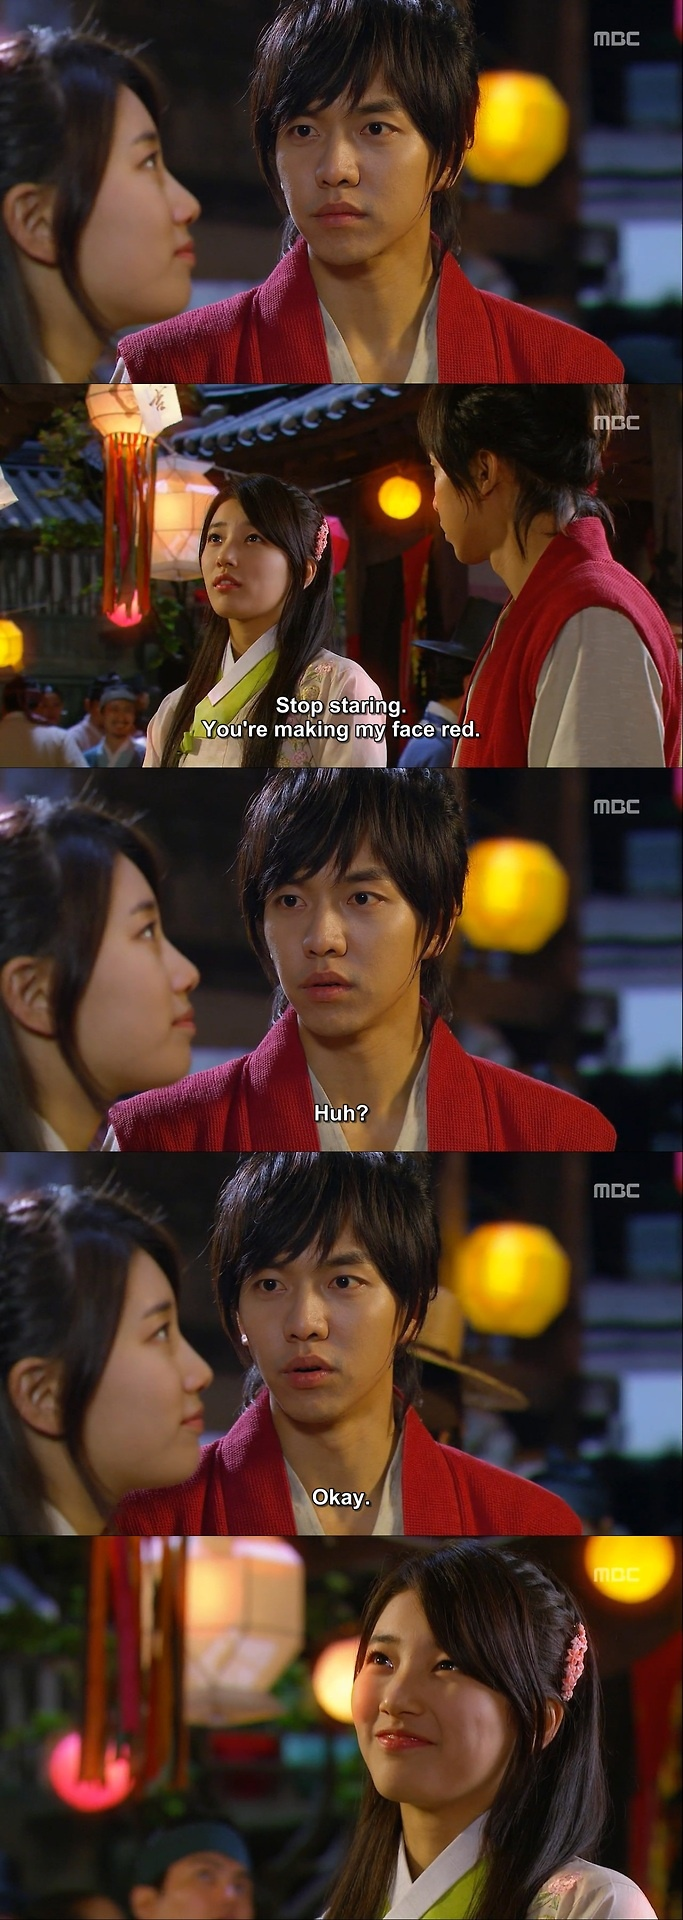 """Kang Chi: """"¿Pero esa no es mi linterna de deseos?"""". Yeo Wool: """"¿Qué? Esa es mi linterna de los deseos. Que puedas encontrar el Libro de la Familia Gu y convertirte en humano. Ese es mi deseo""""- Kang Chi no puede dejar de mirarla- """"Deja de mirarme, me vas a hacer un agujero en la cara""""- Kang Chi nervioso deja de mirarla por uno segundos y le sonríe. - Gu Family Book, Episodio 14"""